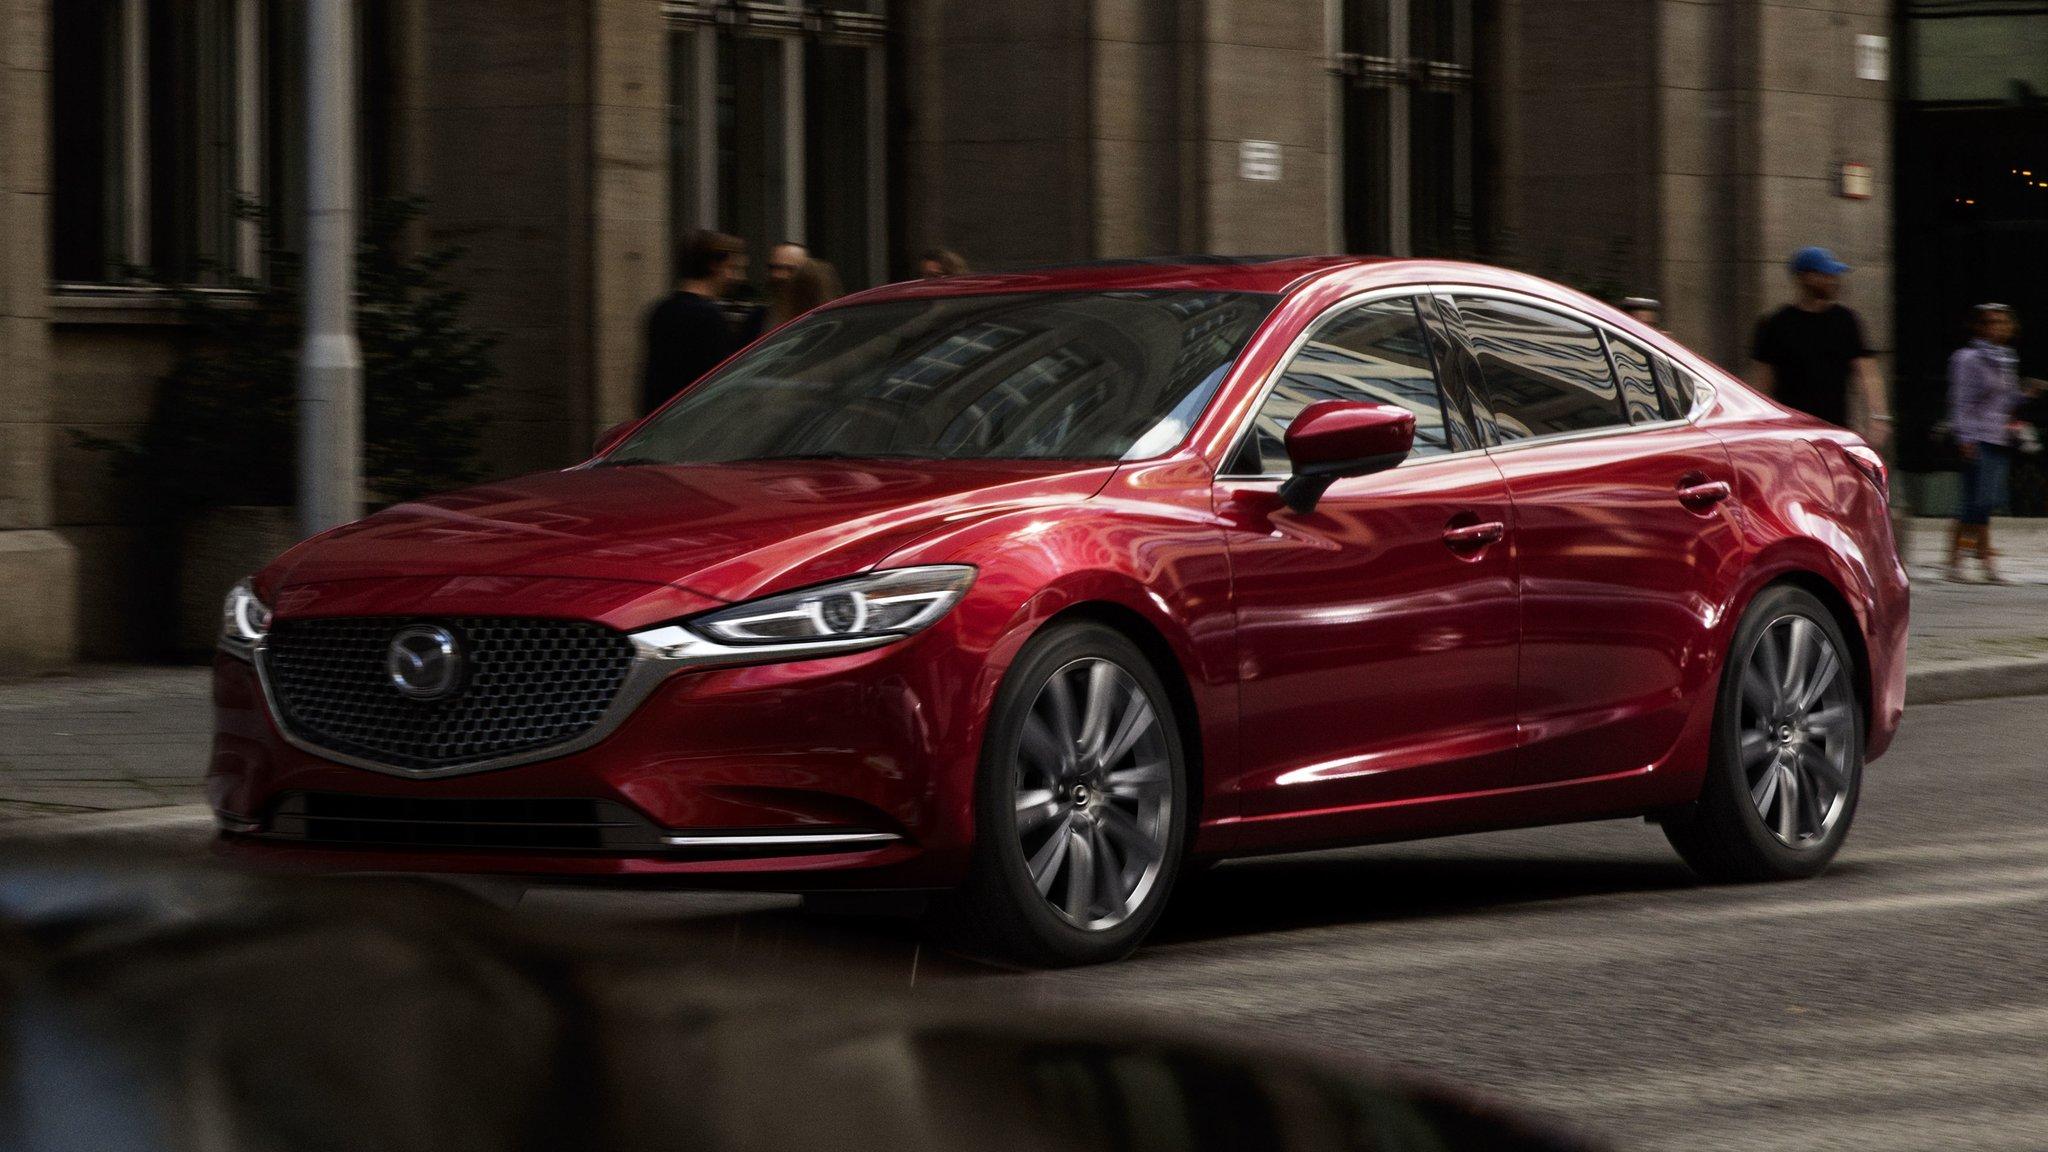 新型Mazda6/アテンザ発表! 2017.11.30@LA AutoShow